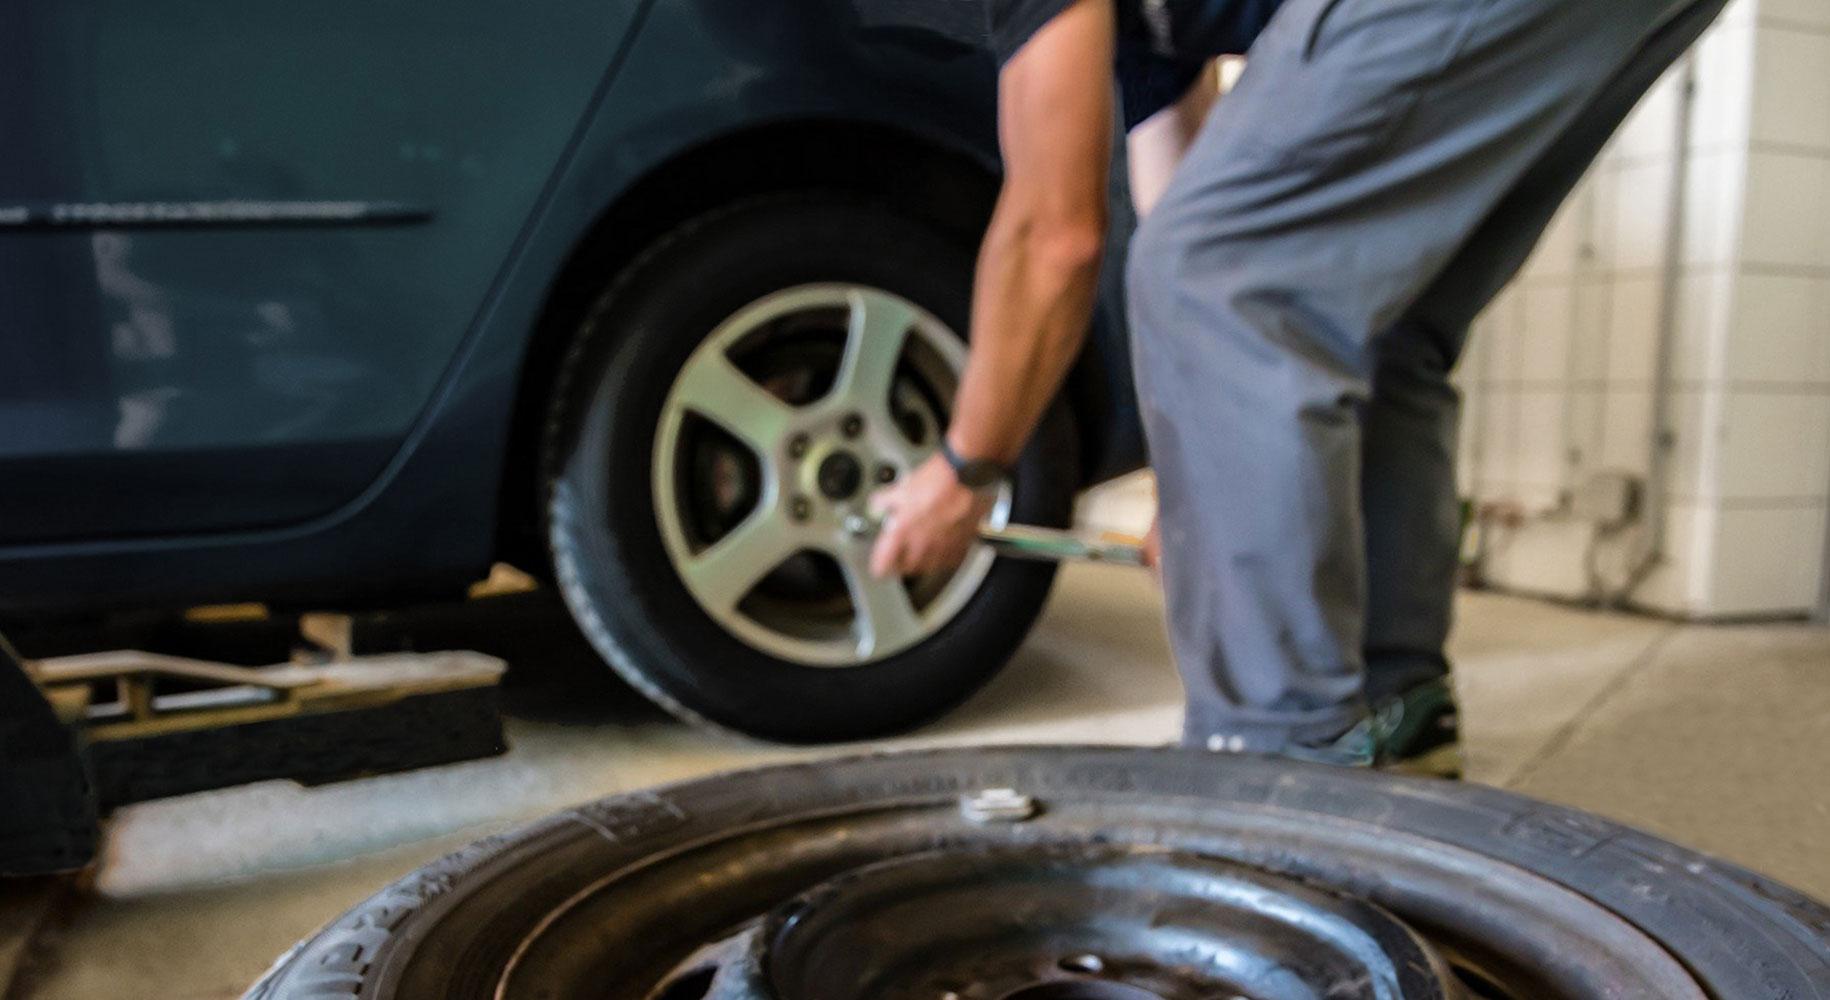 Covid-19: manutenzione veicoli – aggiornamenti